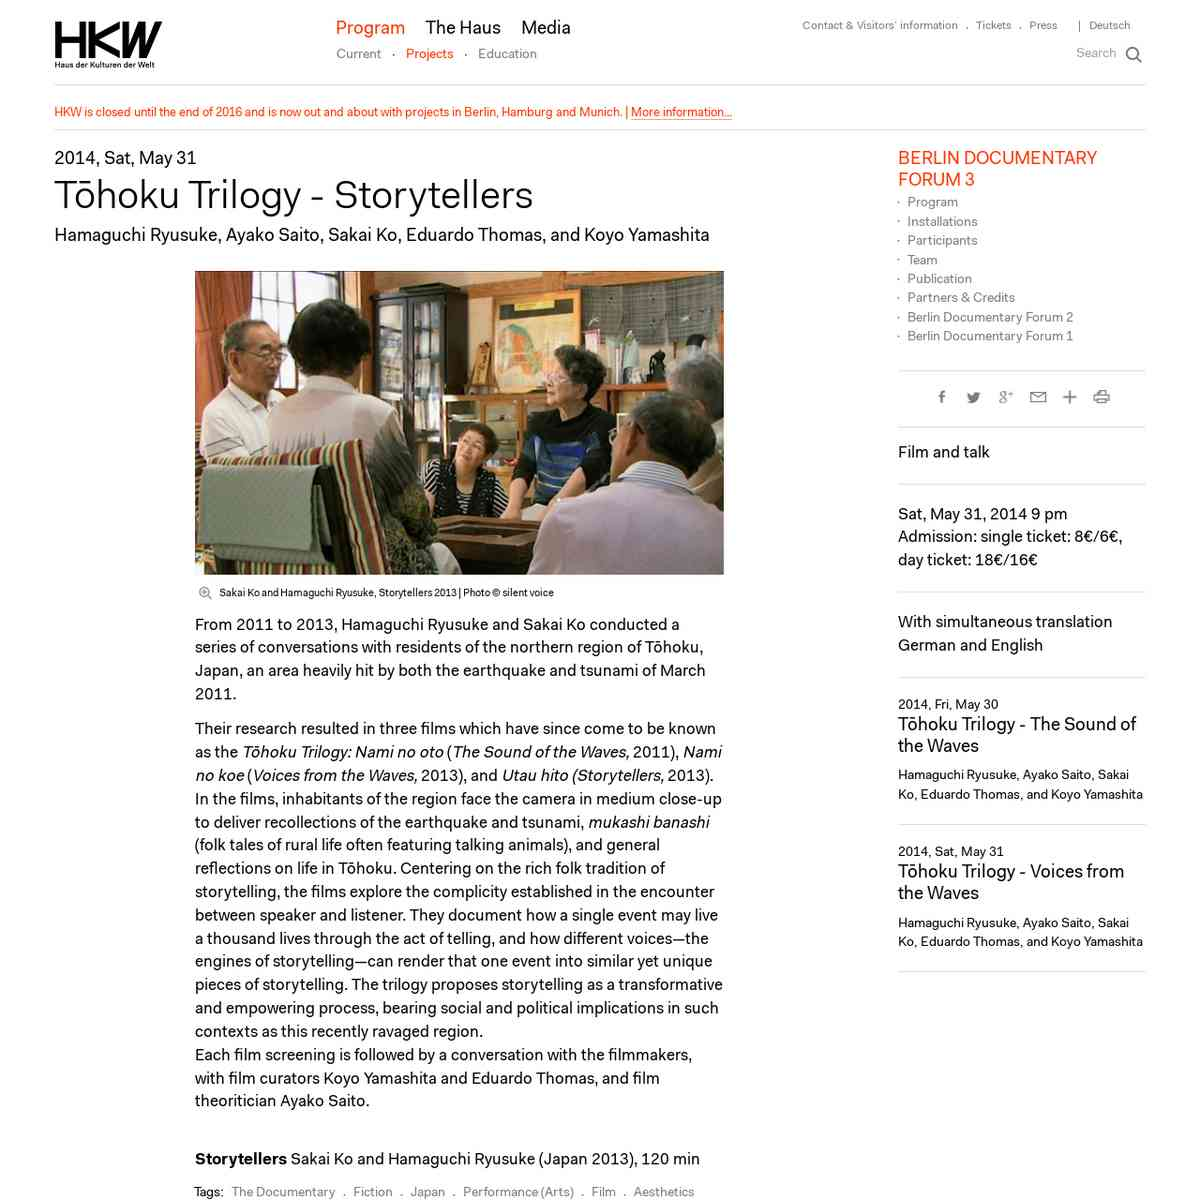 The Tōhoku Trilogy